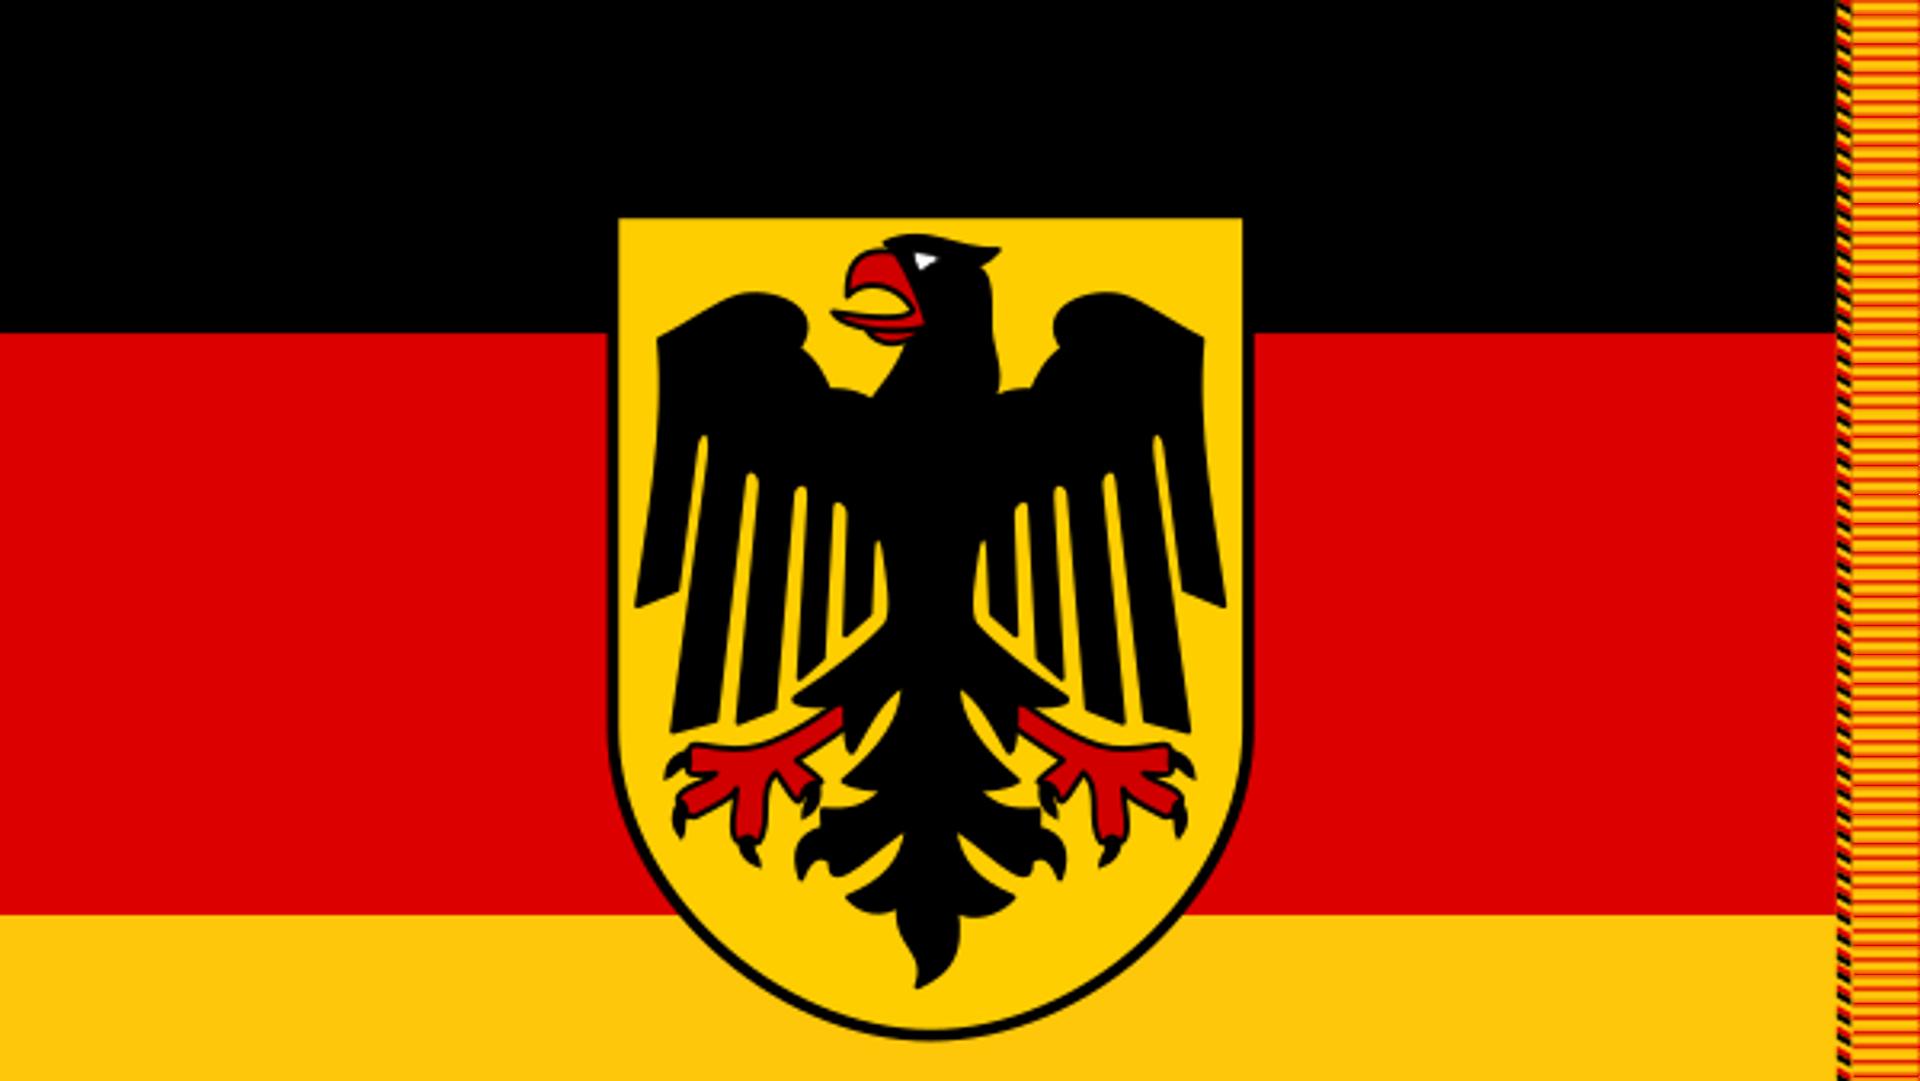 Truppenfahne der Bundeswehr (Symbolbild) - SNA, 1920, 03.07.2021